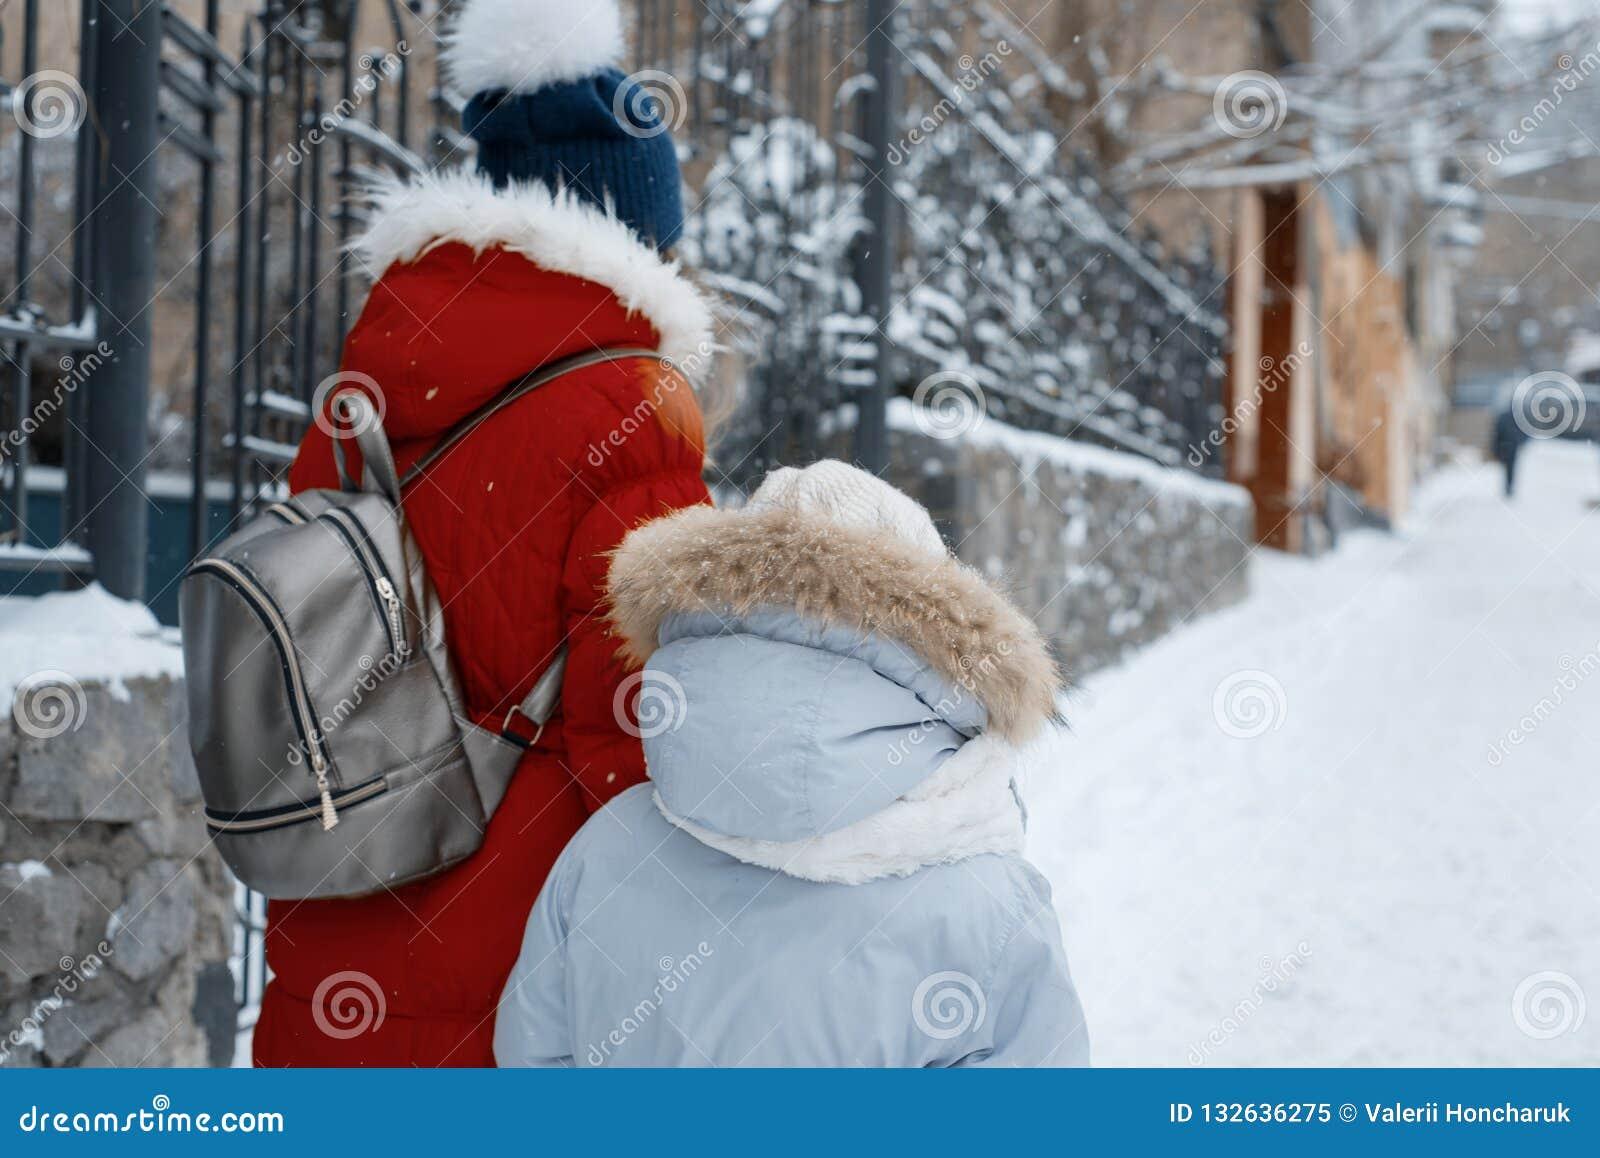 Zwei Mädchen, die entlang die schneebedeckte Straße des Winters der Stadt gehen, Kinder sind Händchenhalten, hintere Ansicht